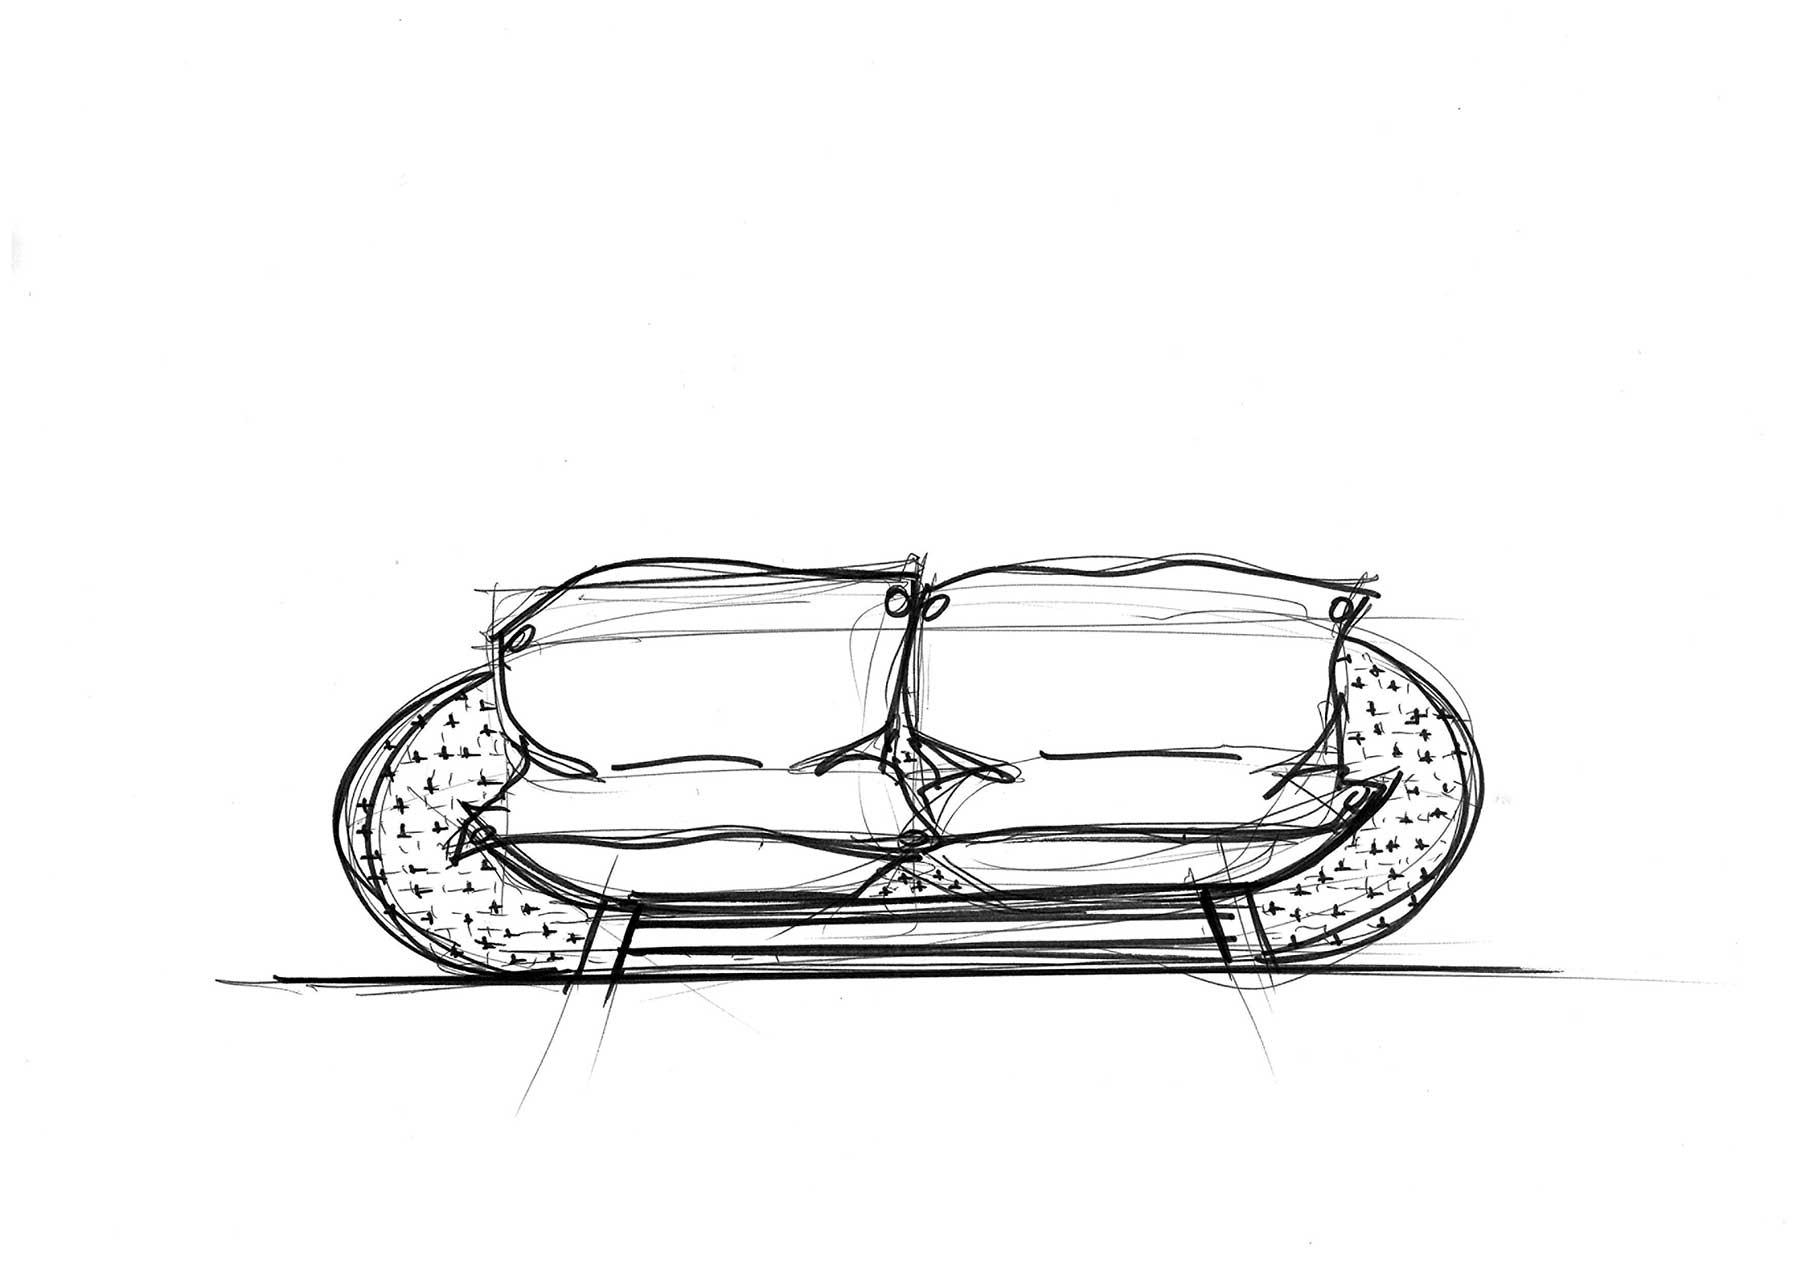 Sketch of OUFS Sofa by Alexandre Boucher